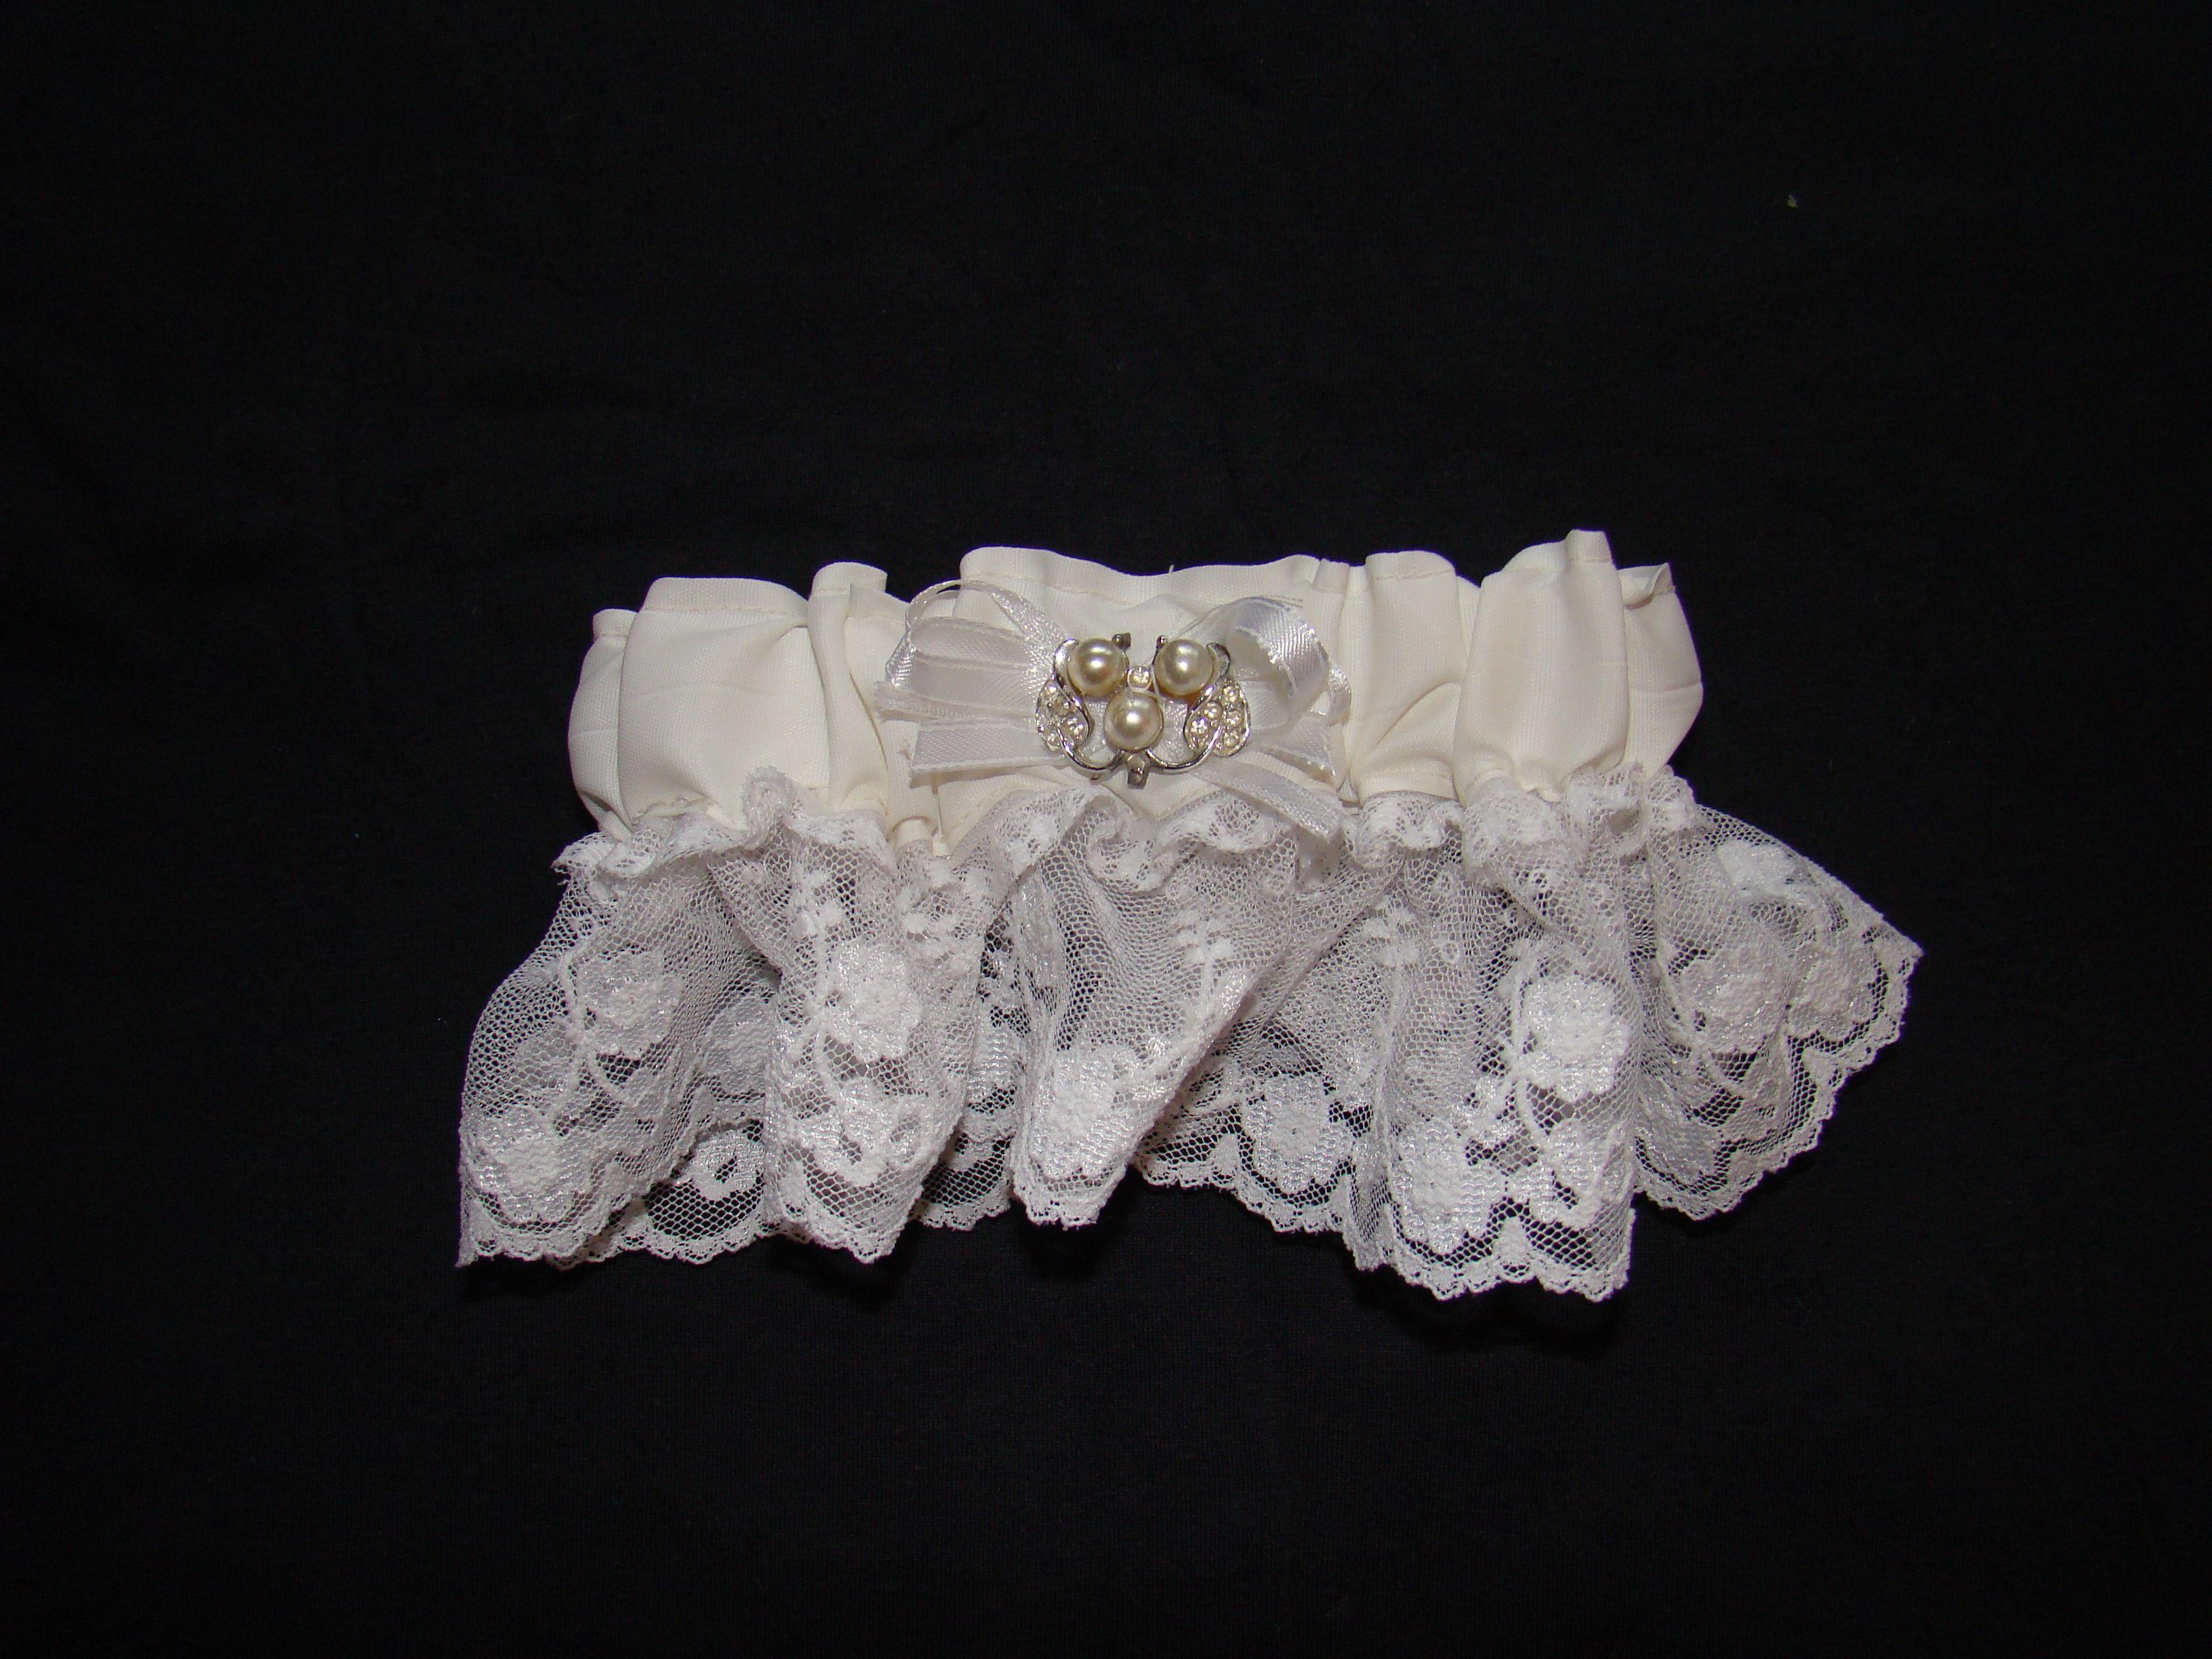 Garter Made From Mom's Wedding Dress